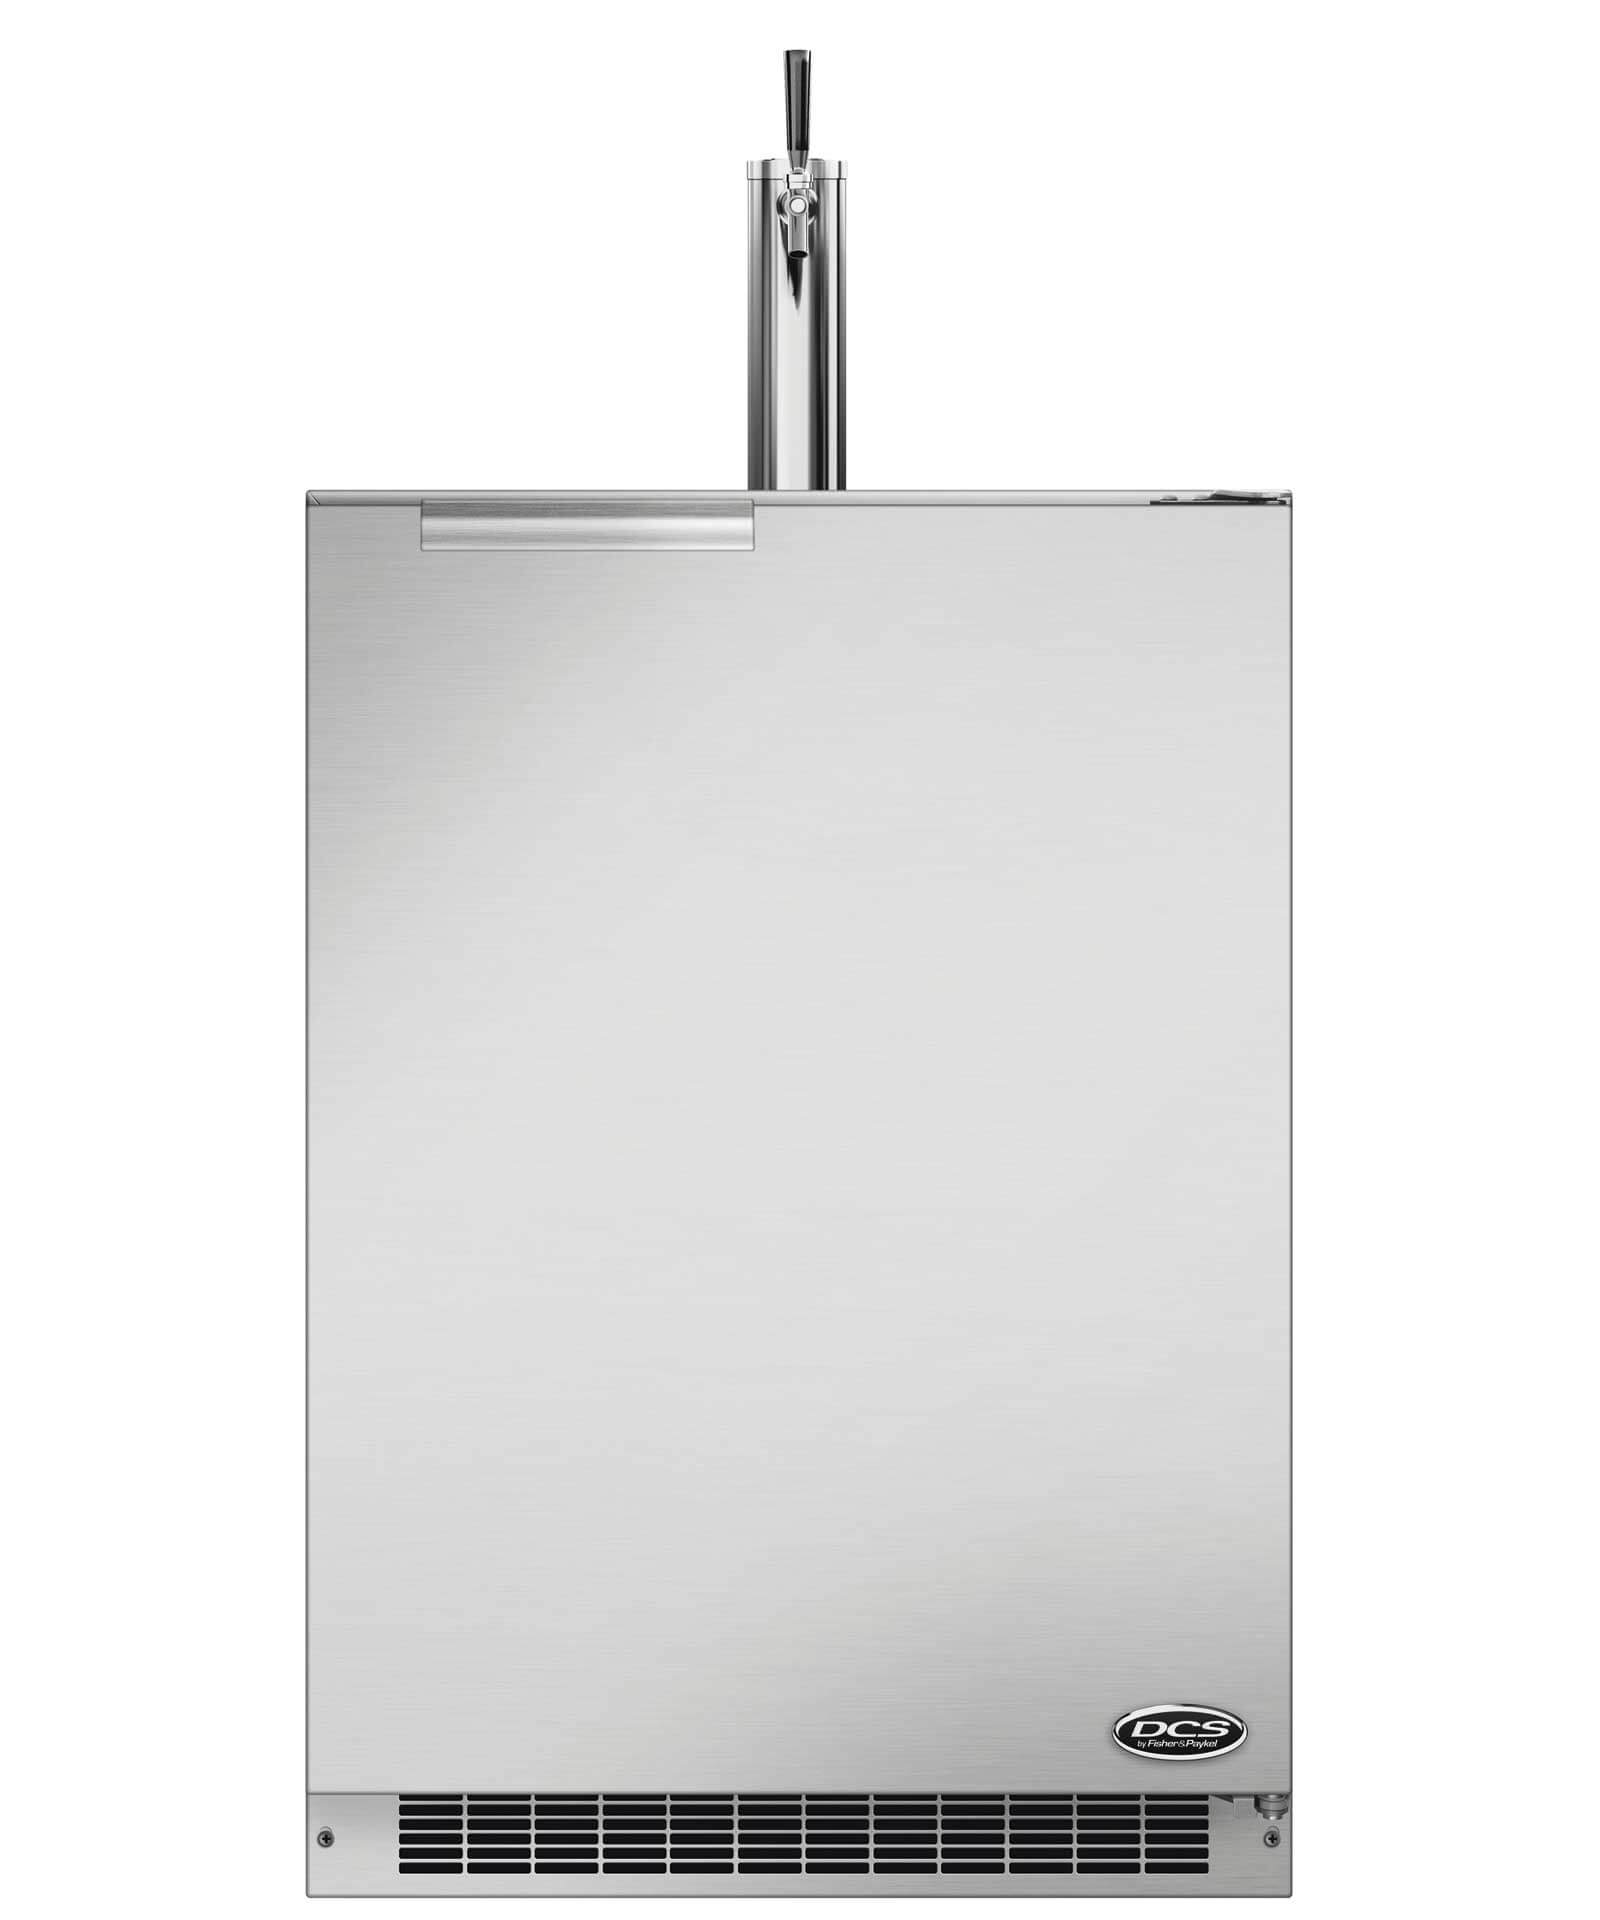 """DCS 24"""" Outdoor Beer Dispenser - Single Tap"""